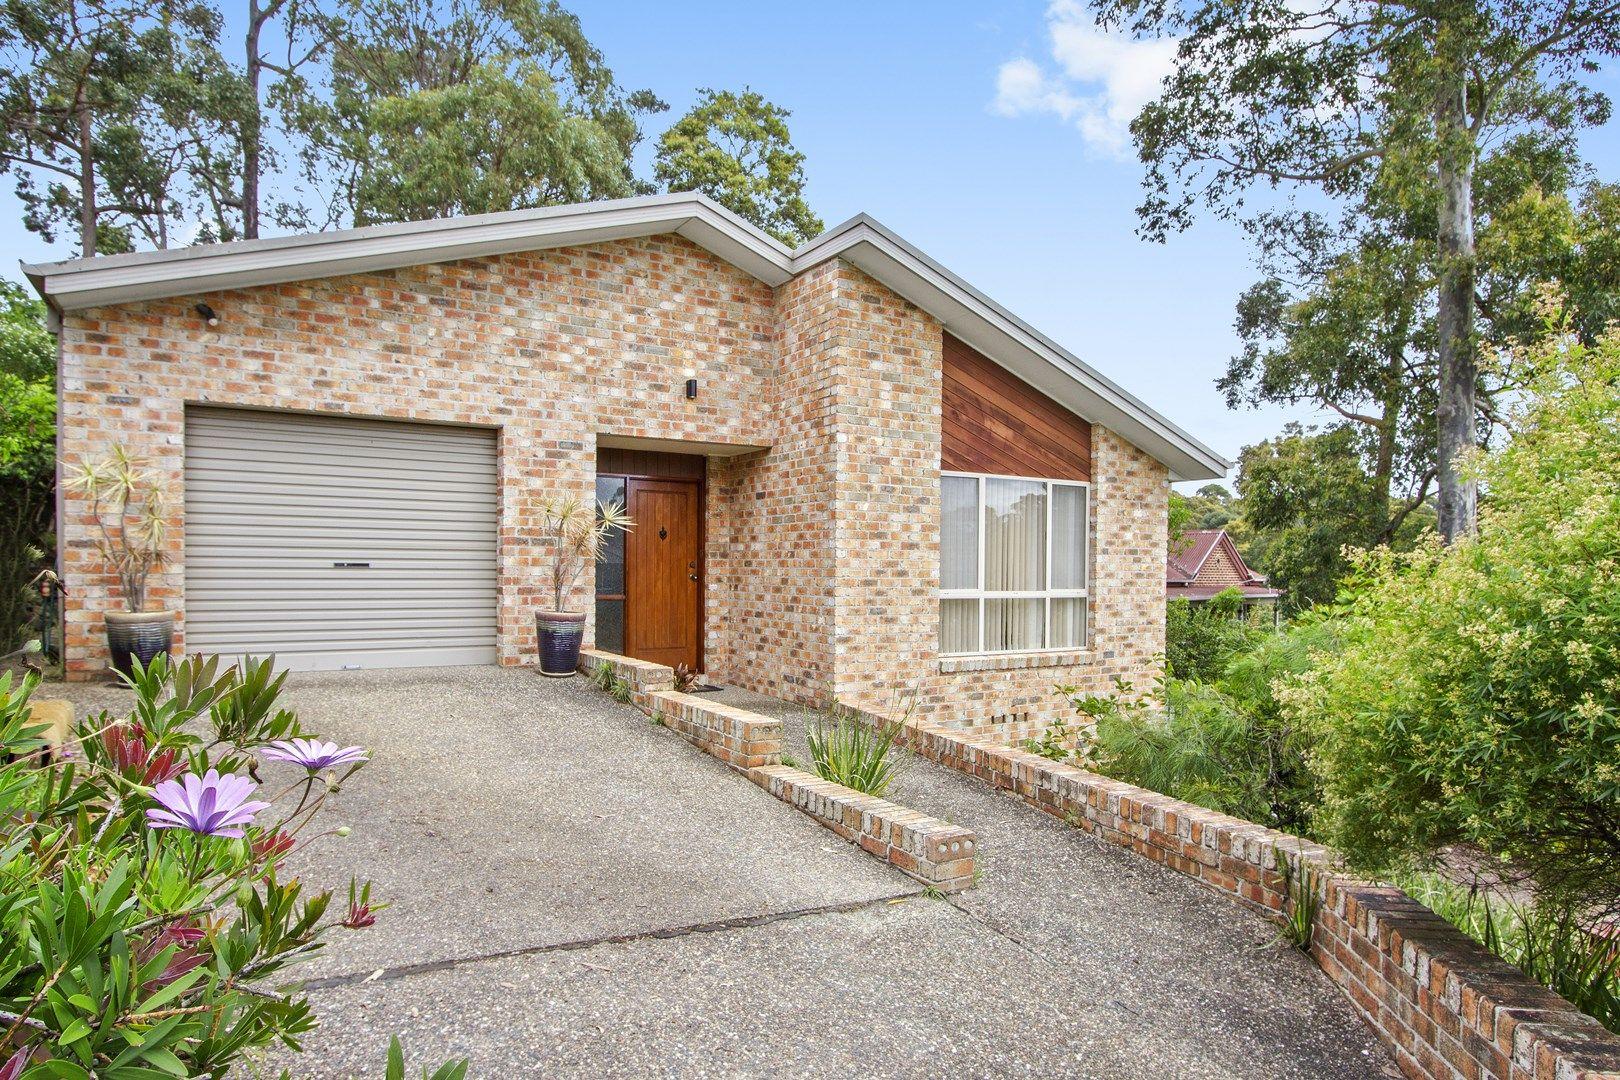 9A Carramar Drive, Lilli Pilli NSW 2536, Image 0